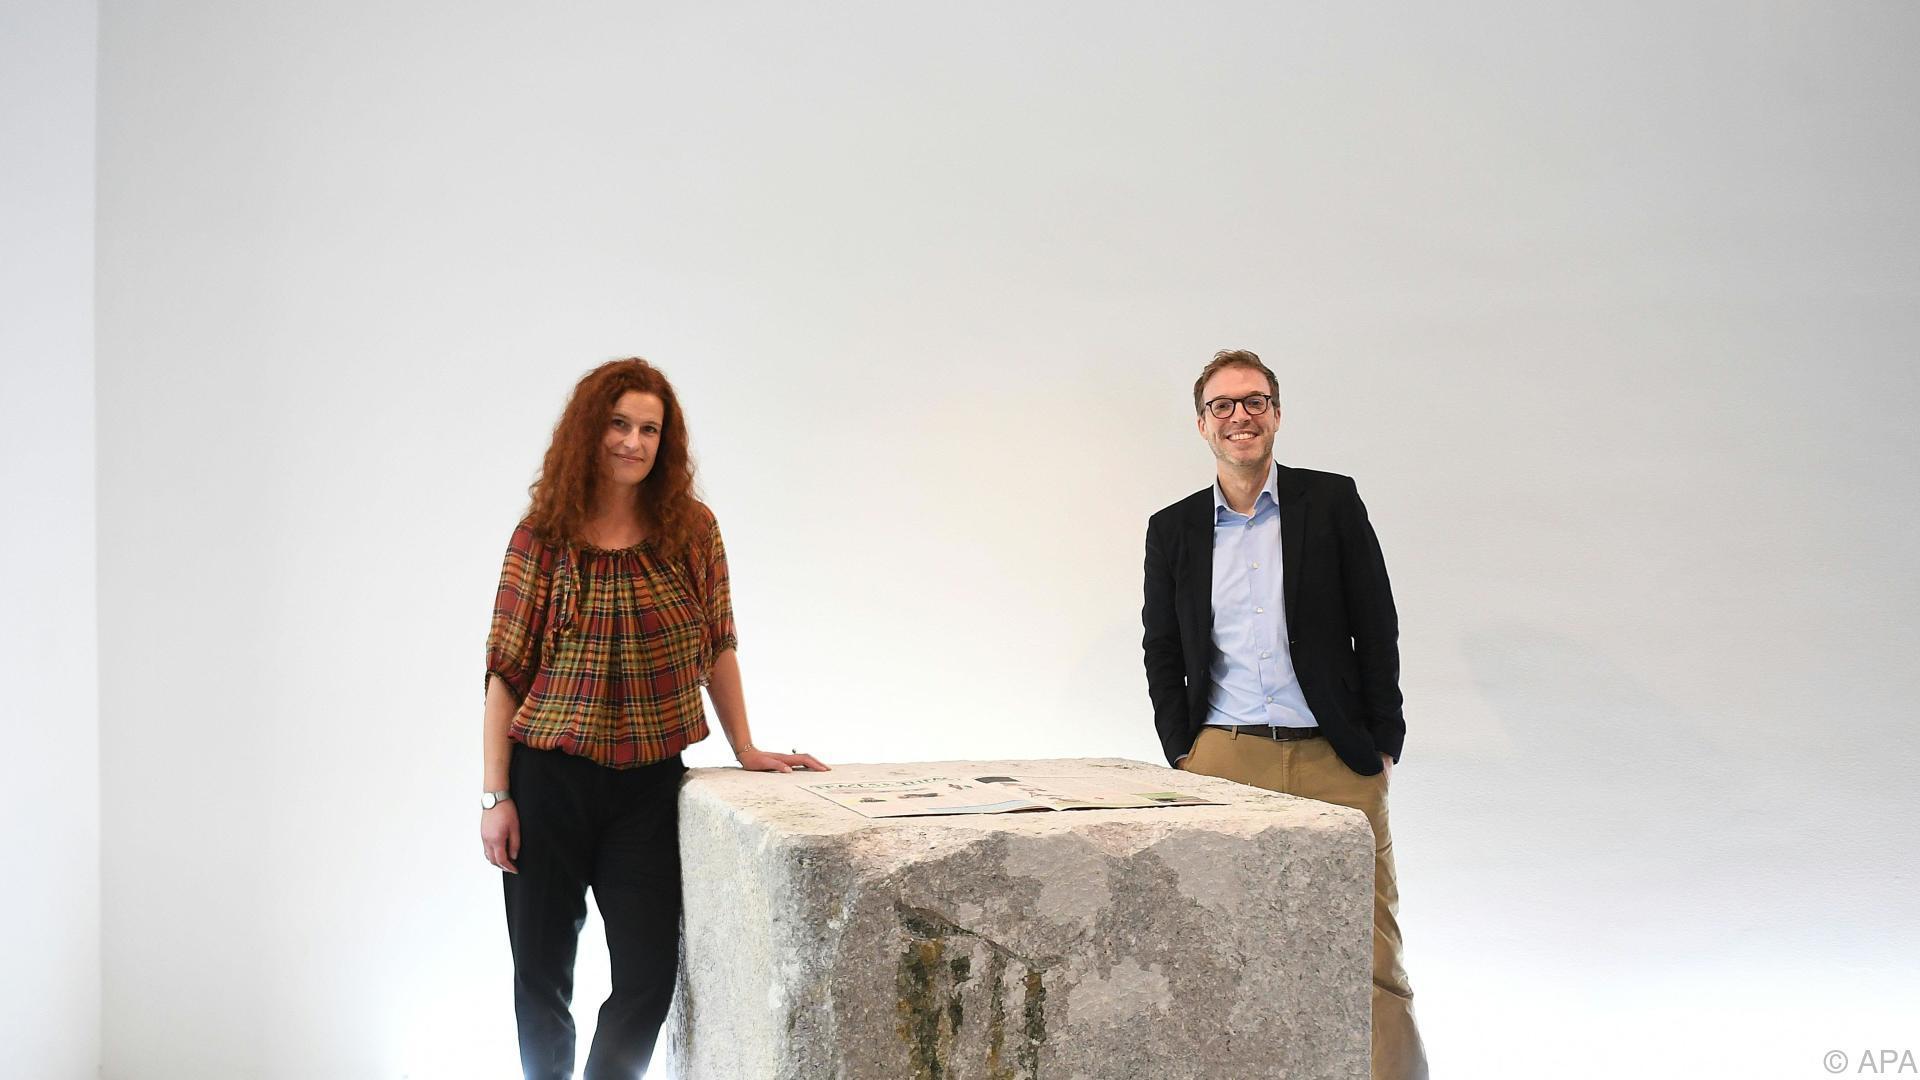 Rückübersiedlung der Akademie der bildenden Künste stockt